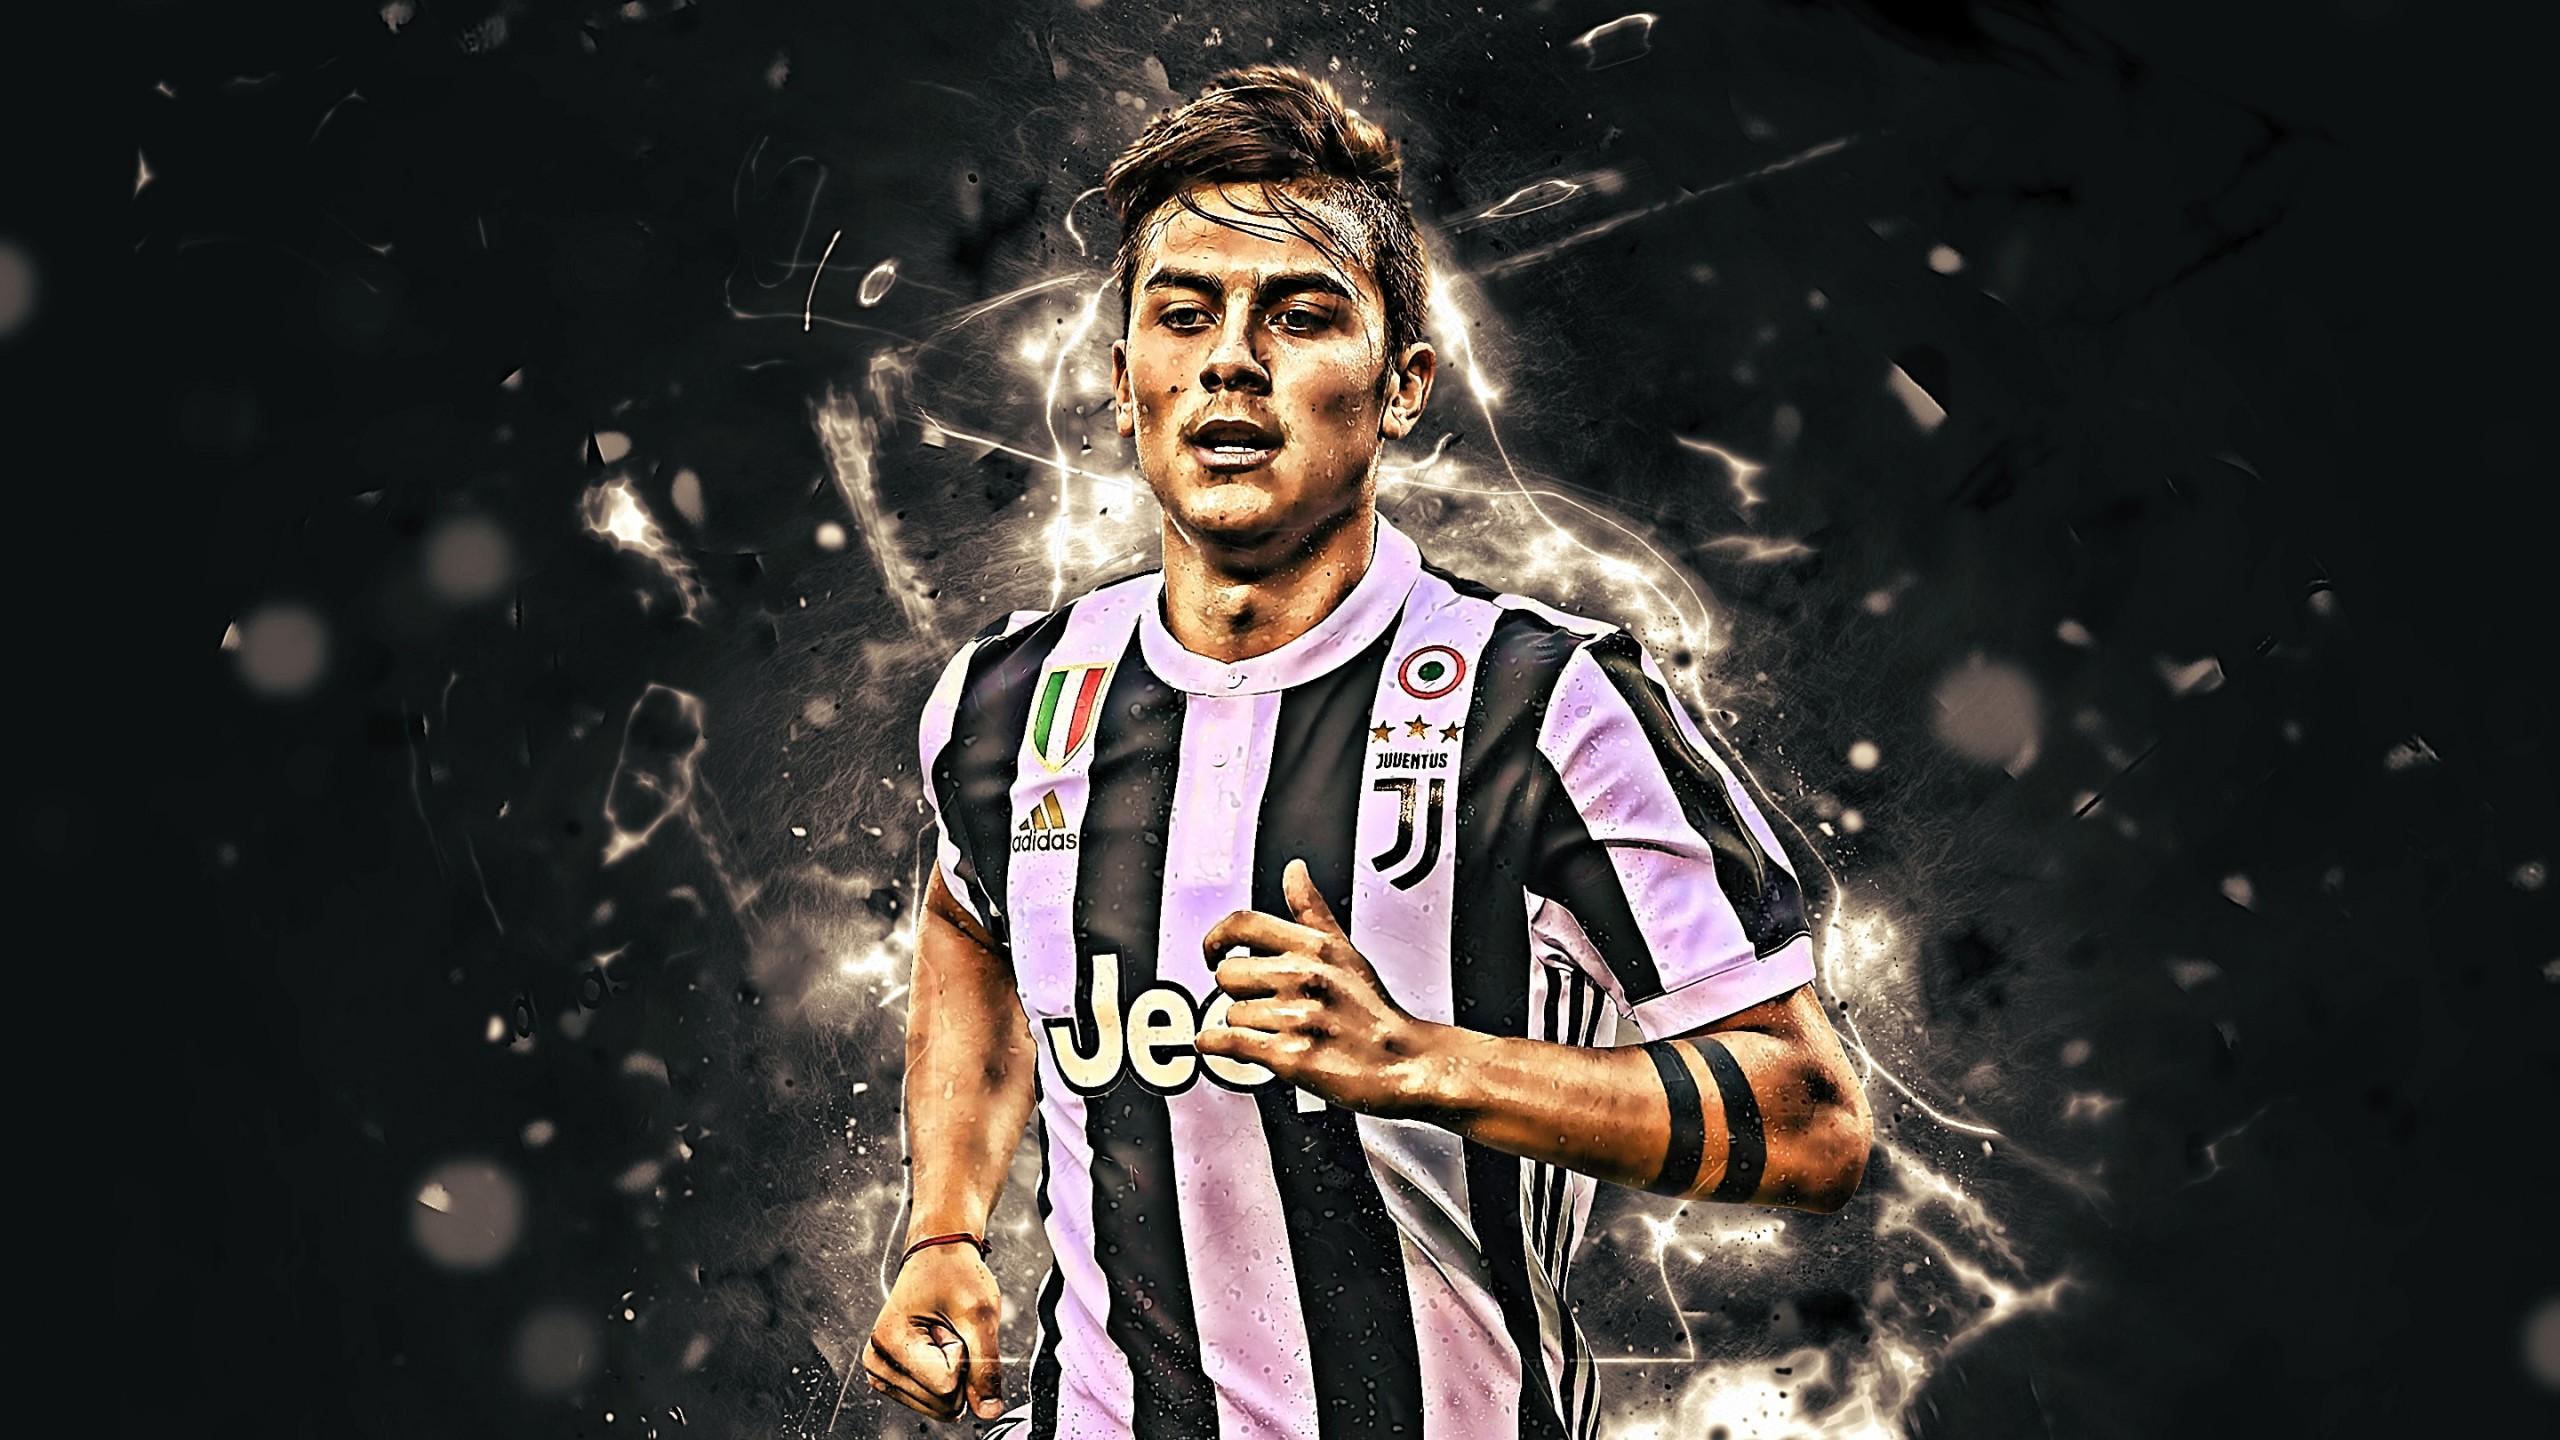 People 2560x1440 Paulo Dybala Juventus Football